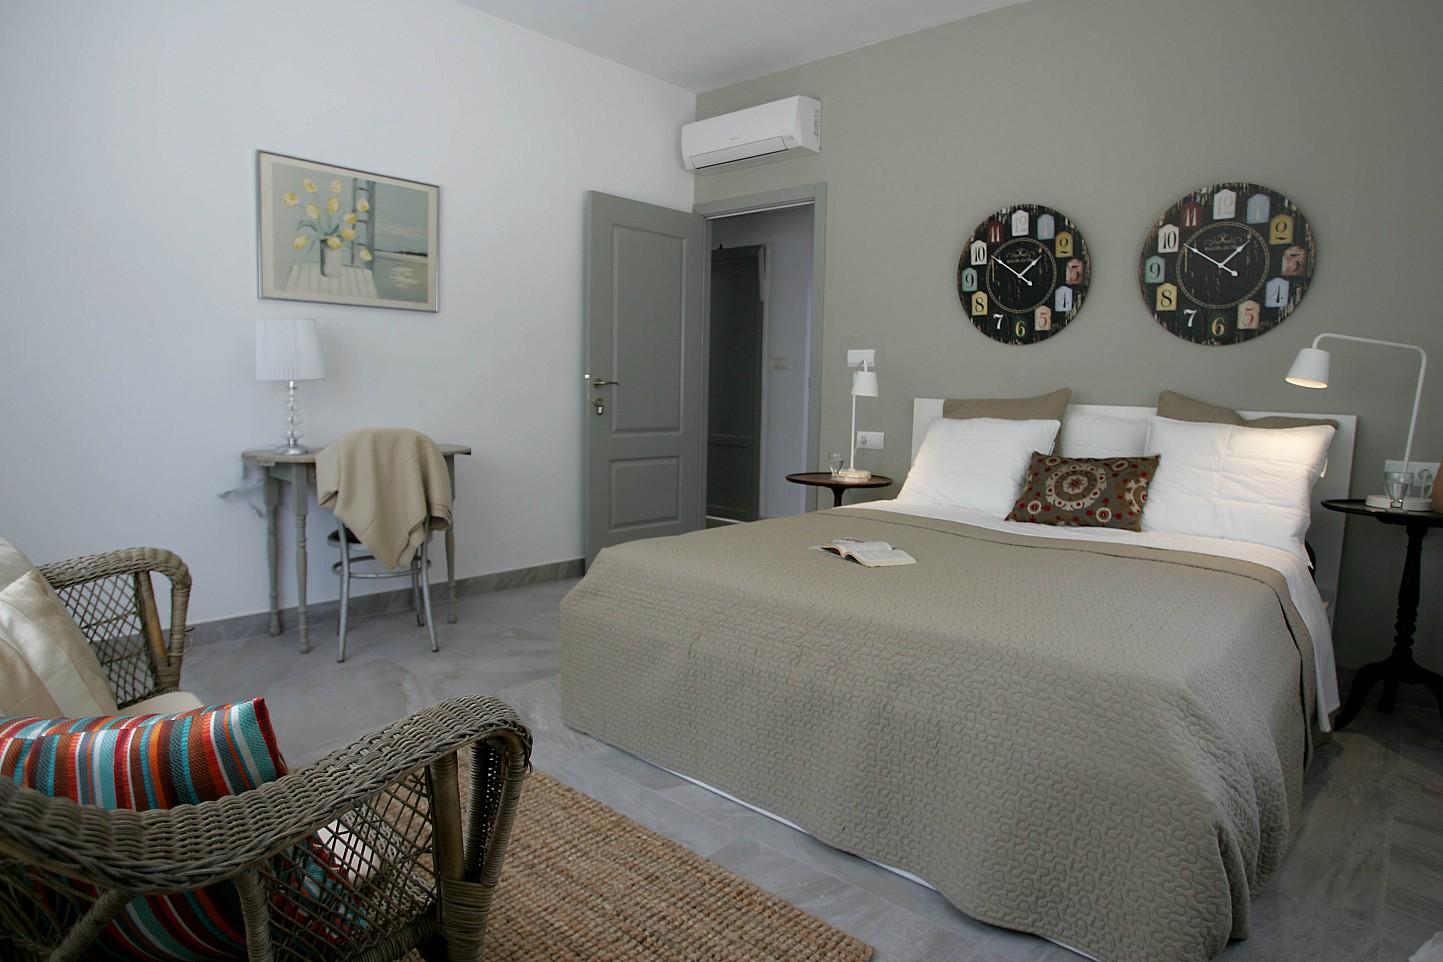 Роскошная спальня виллы в аренду в Кала Жондаль